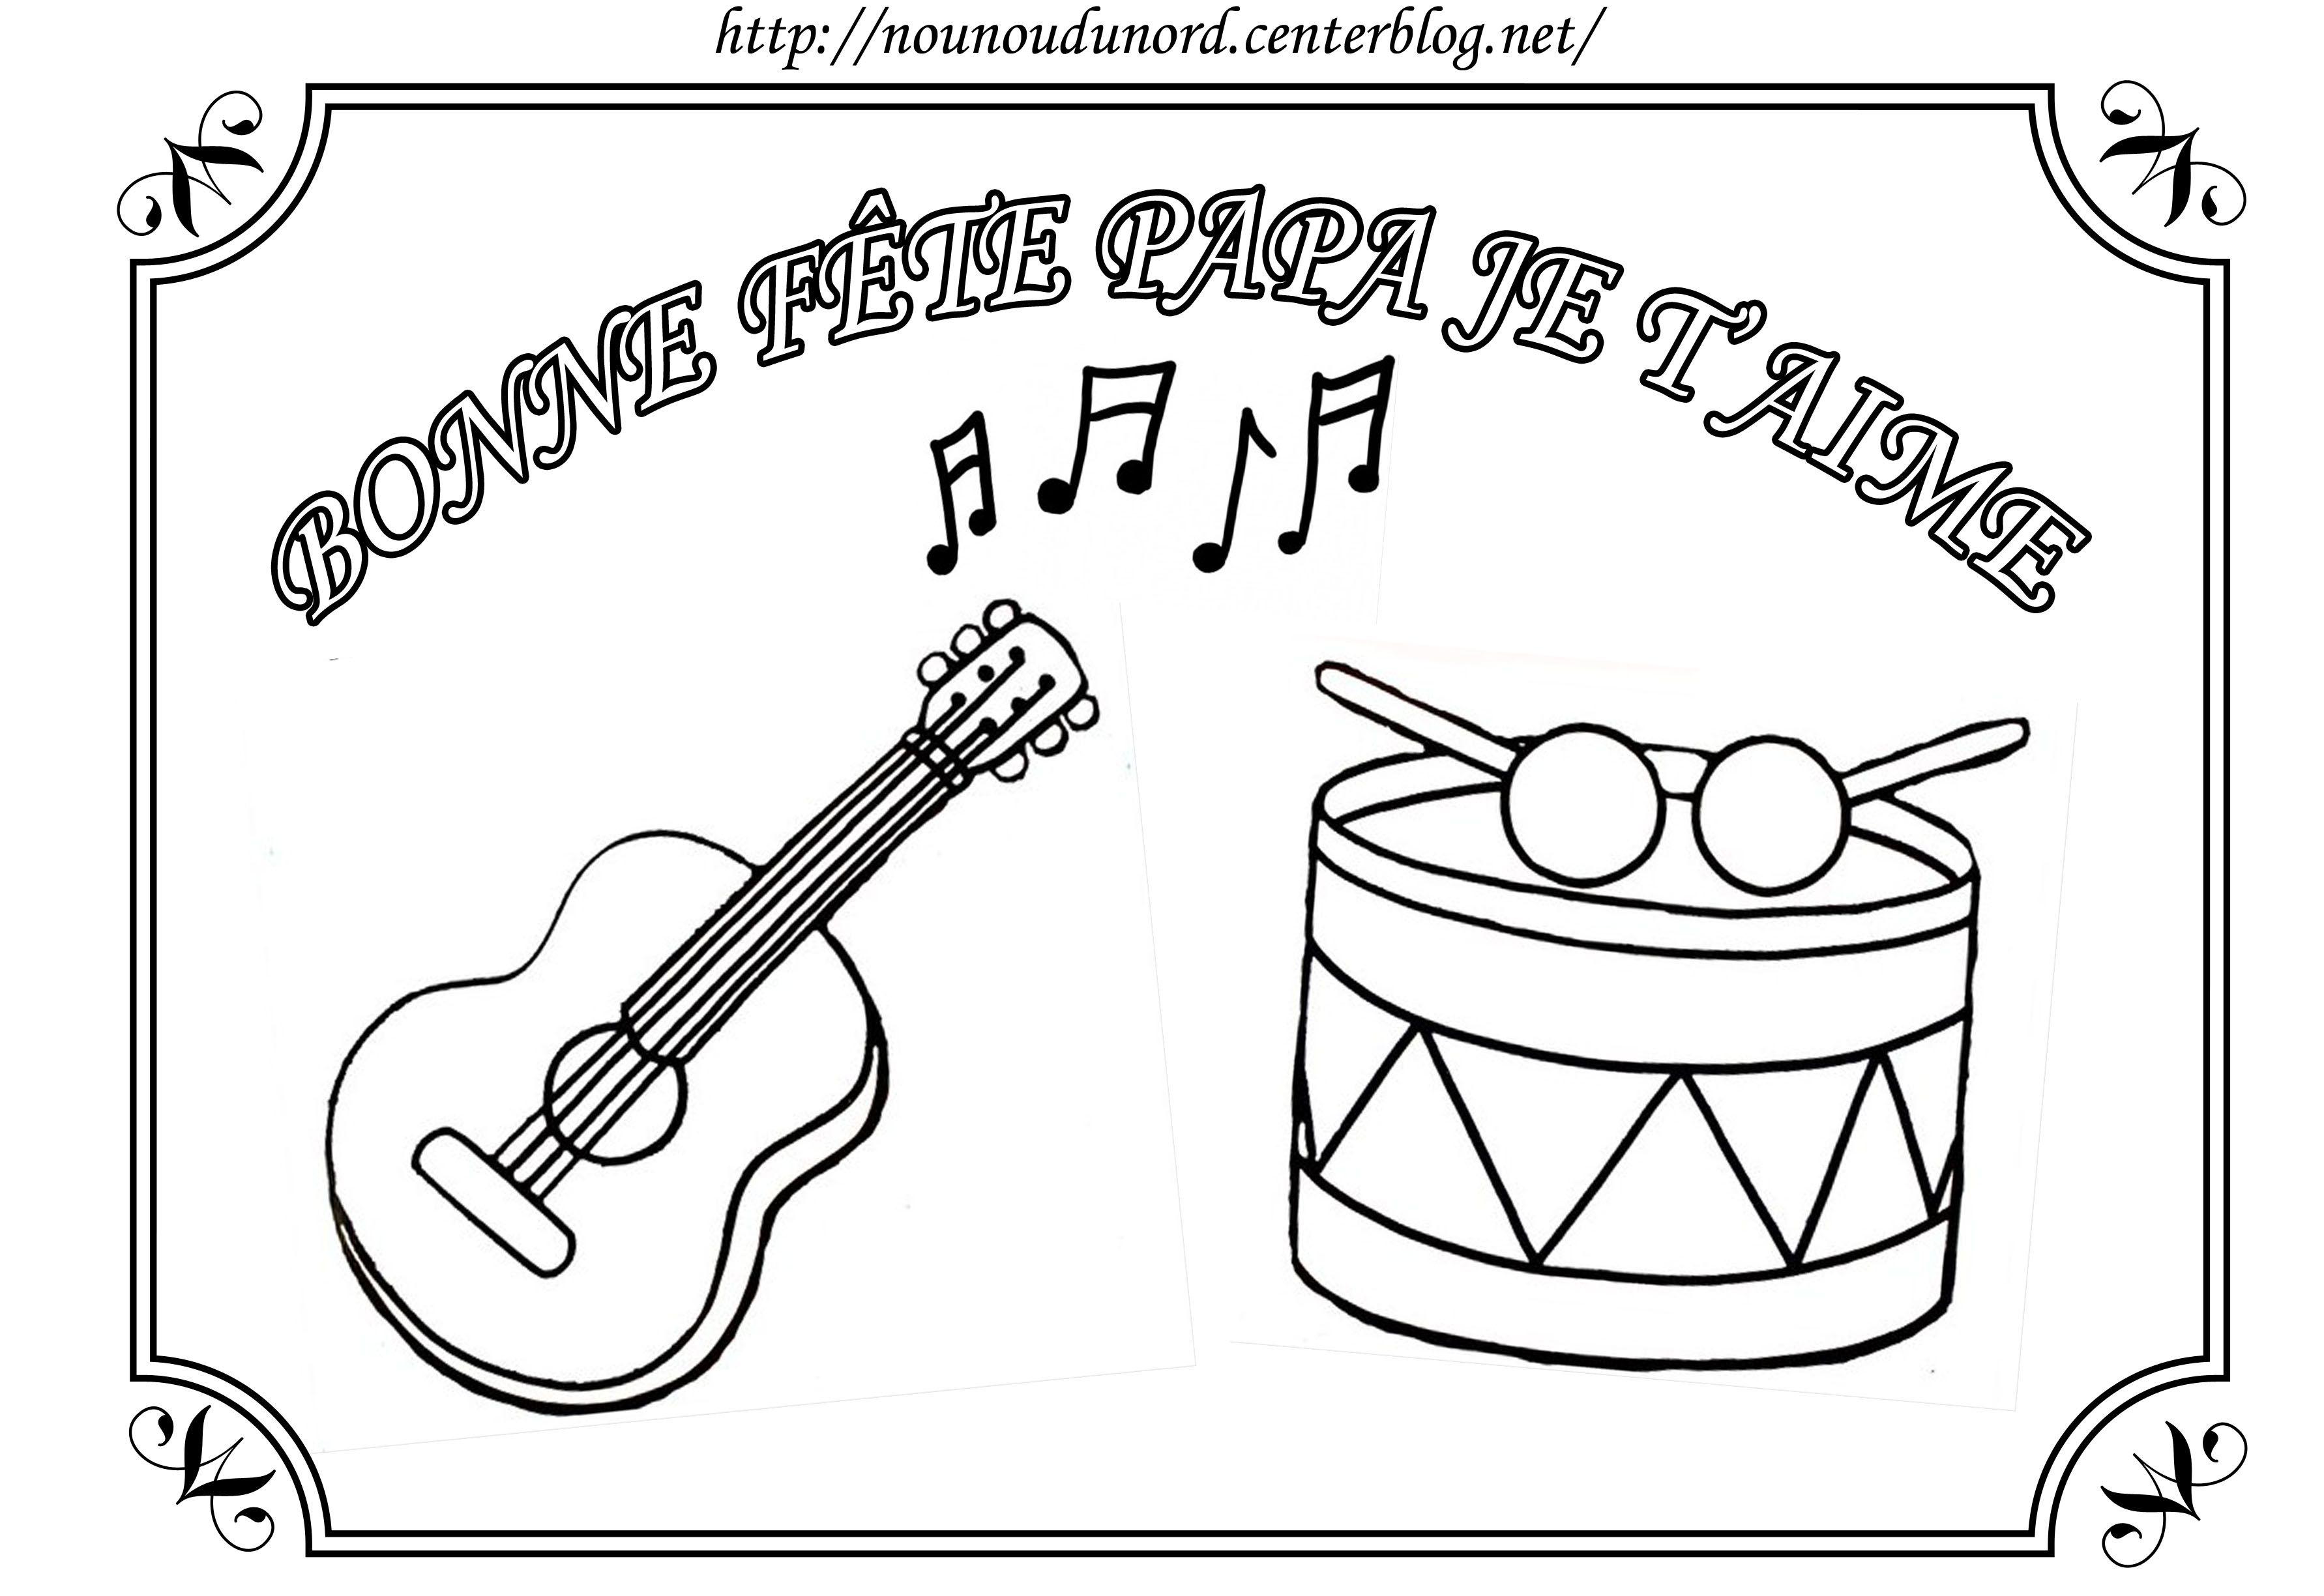 Coloriage Instruments De Musique Pour La Fête